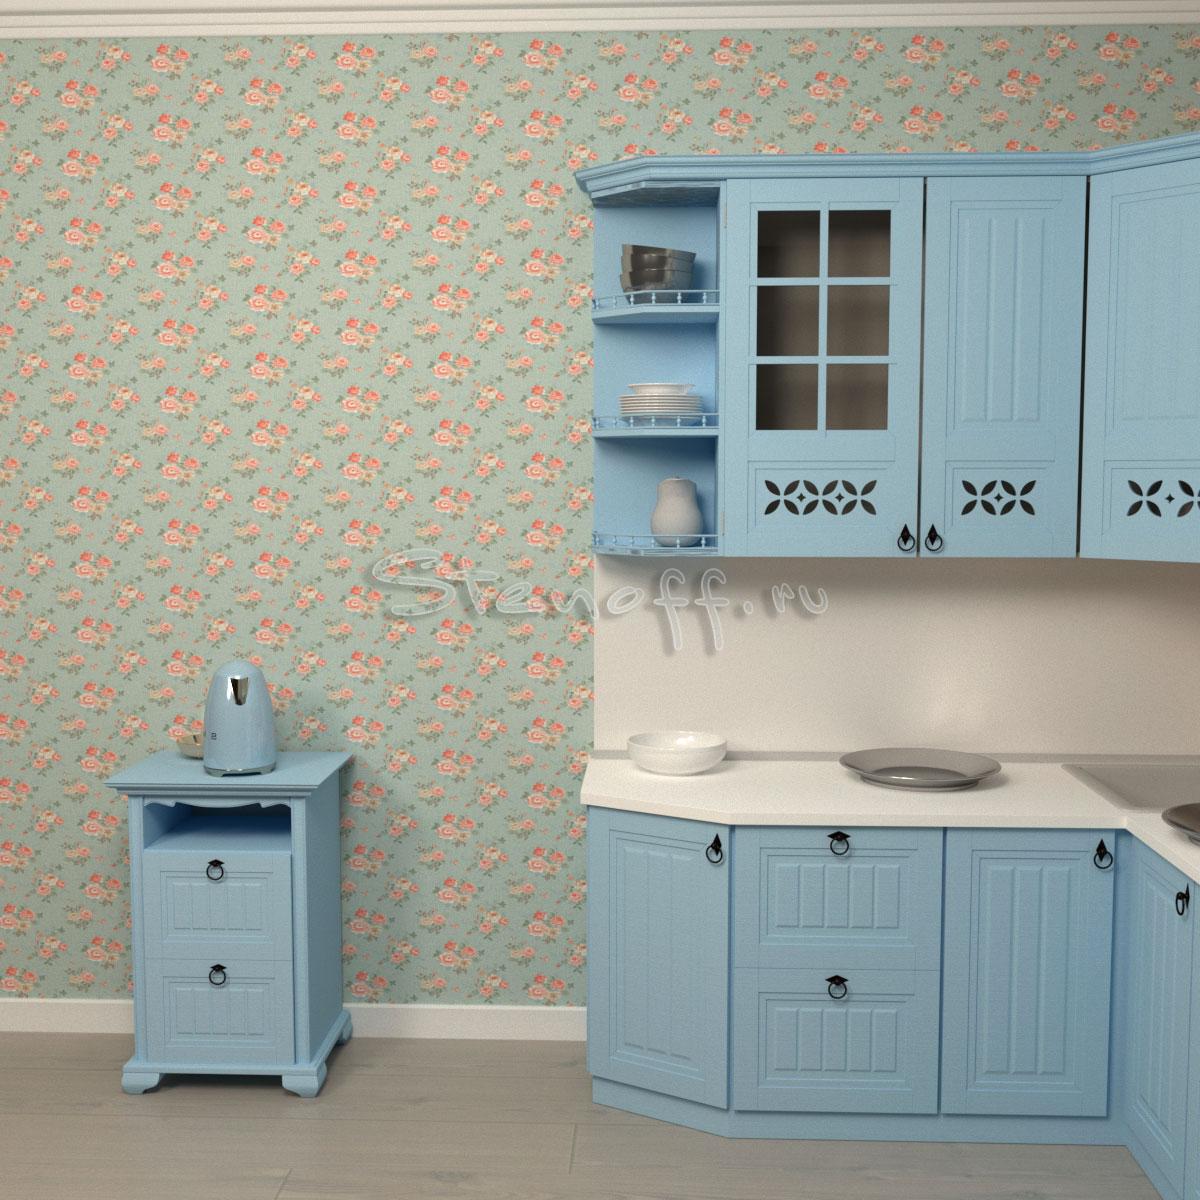 зеленые обои и голубая кухня